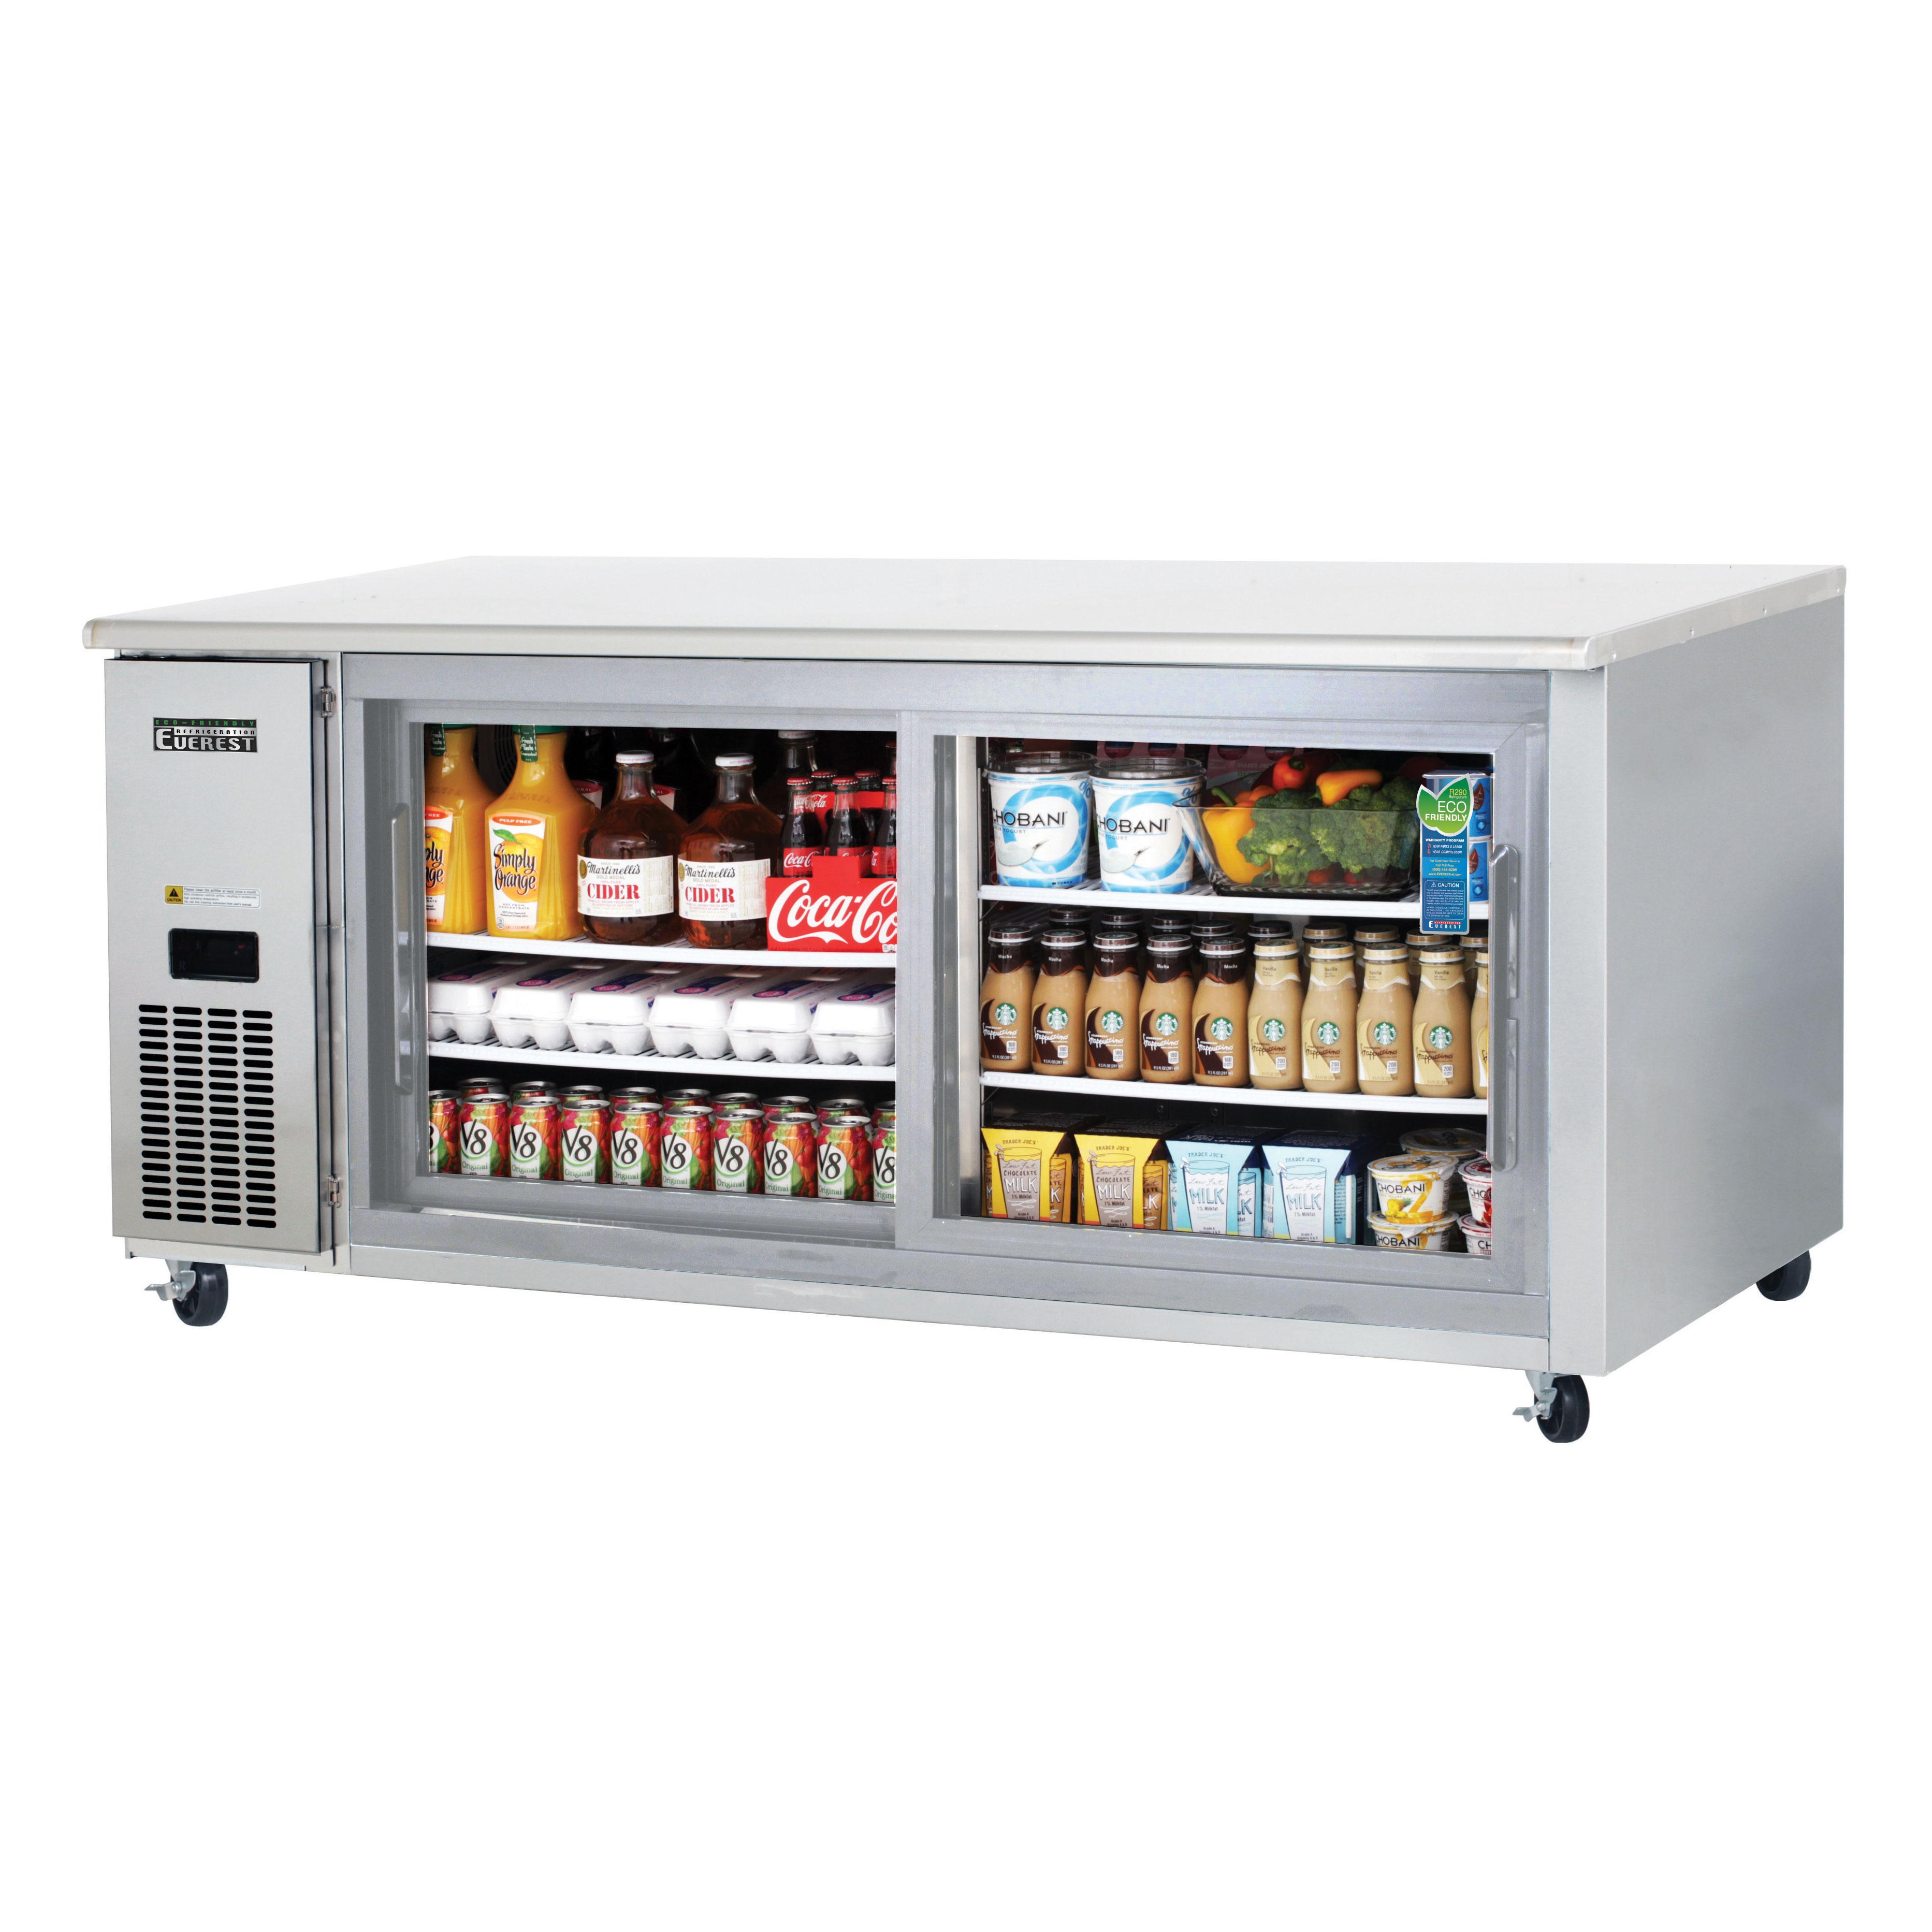 Everest Refrigeration ETGWR2 refrigerator, undercounter, reach-in